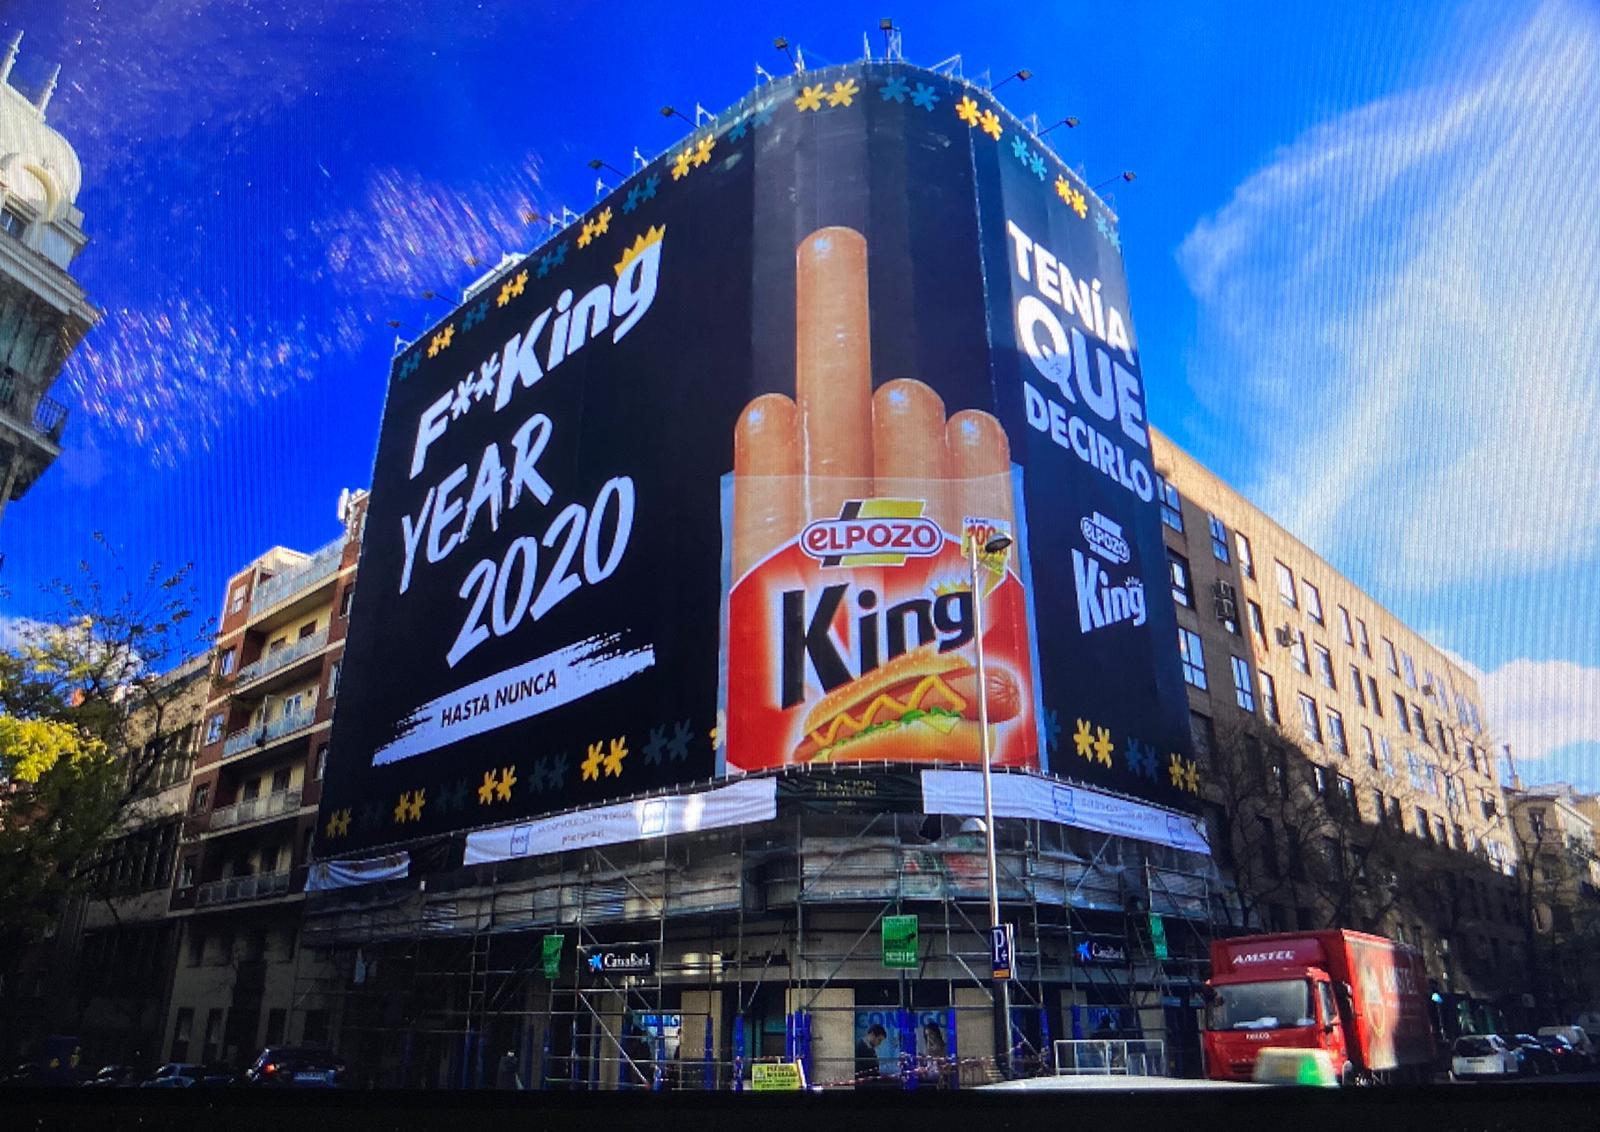 RK People firma la idea creativa   para despedir el año de elPozo KING